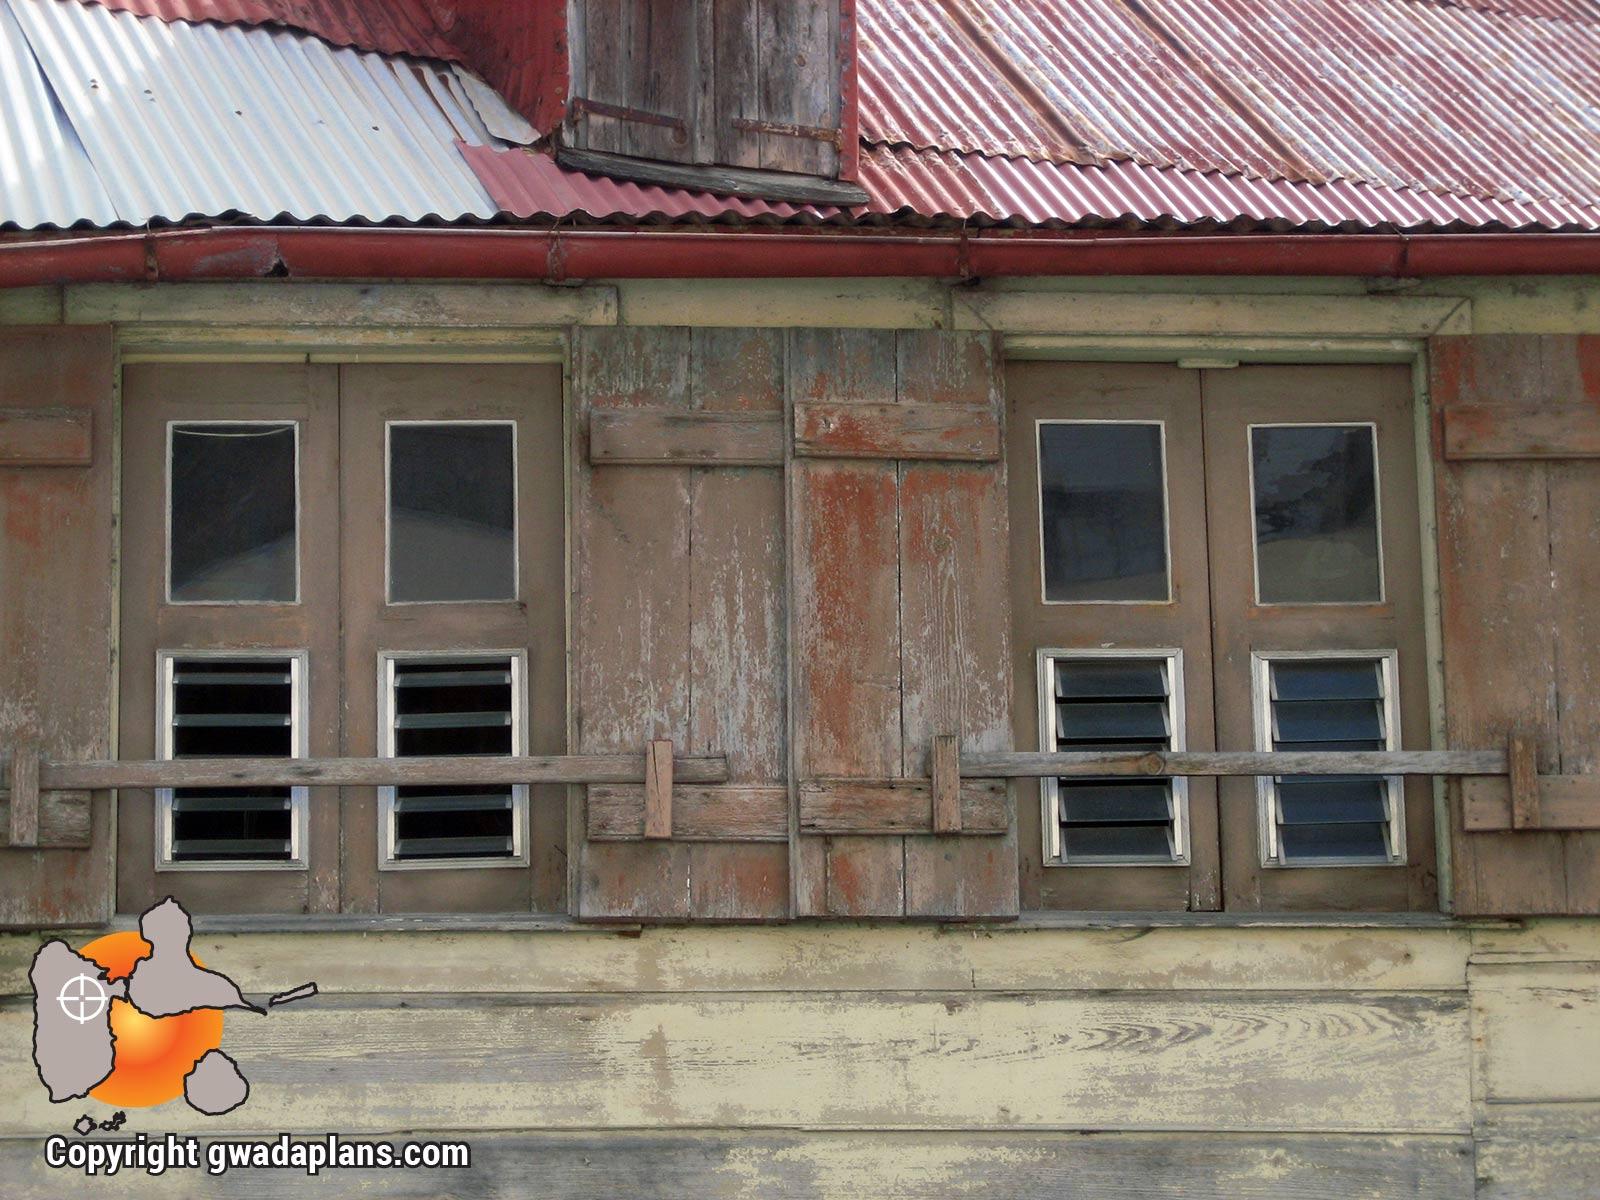 Ville de Basse-Terre : fenêtre d'architecture créole